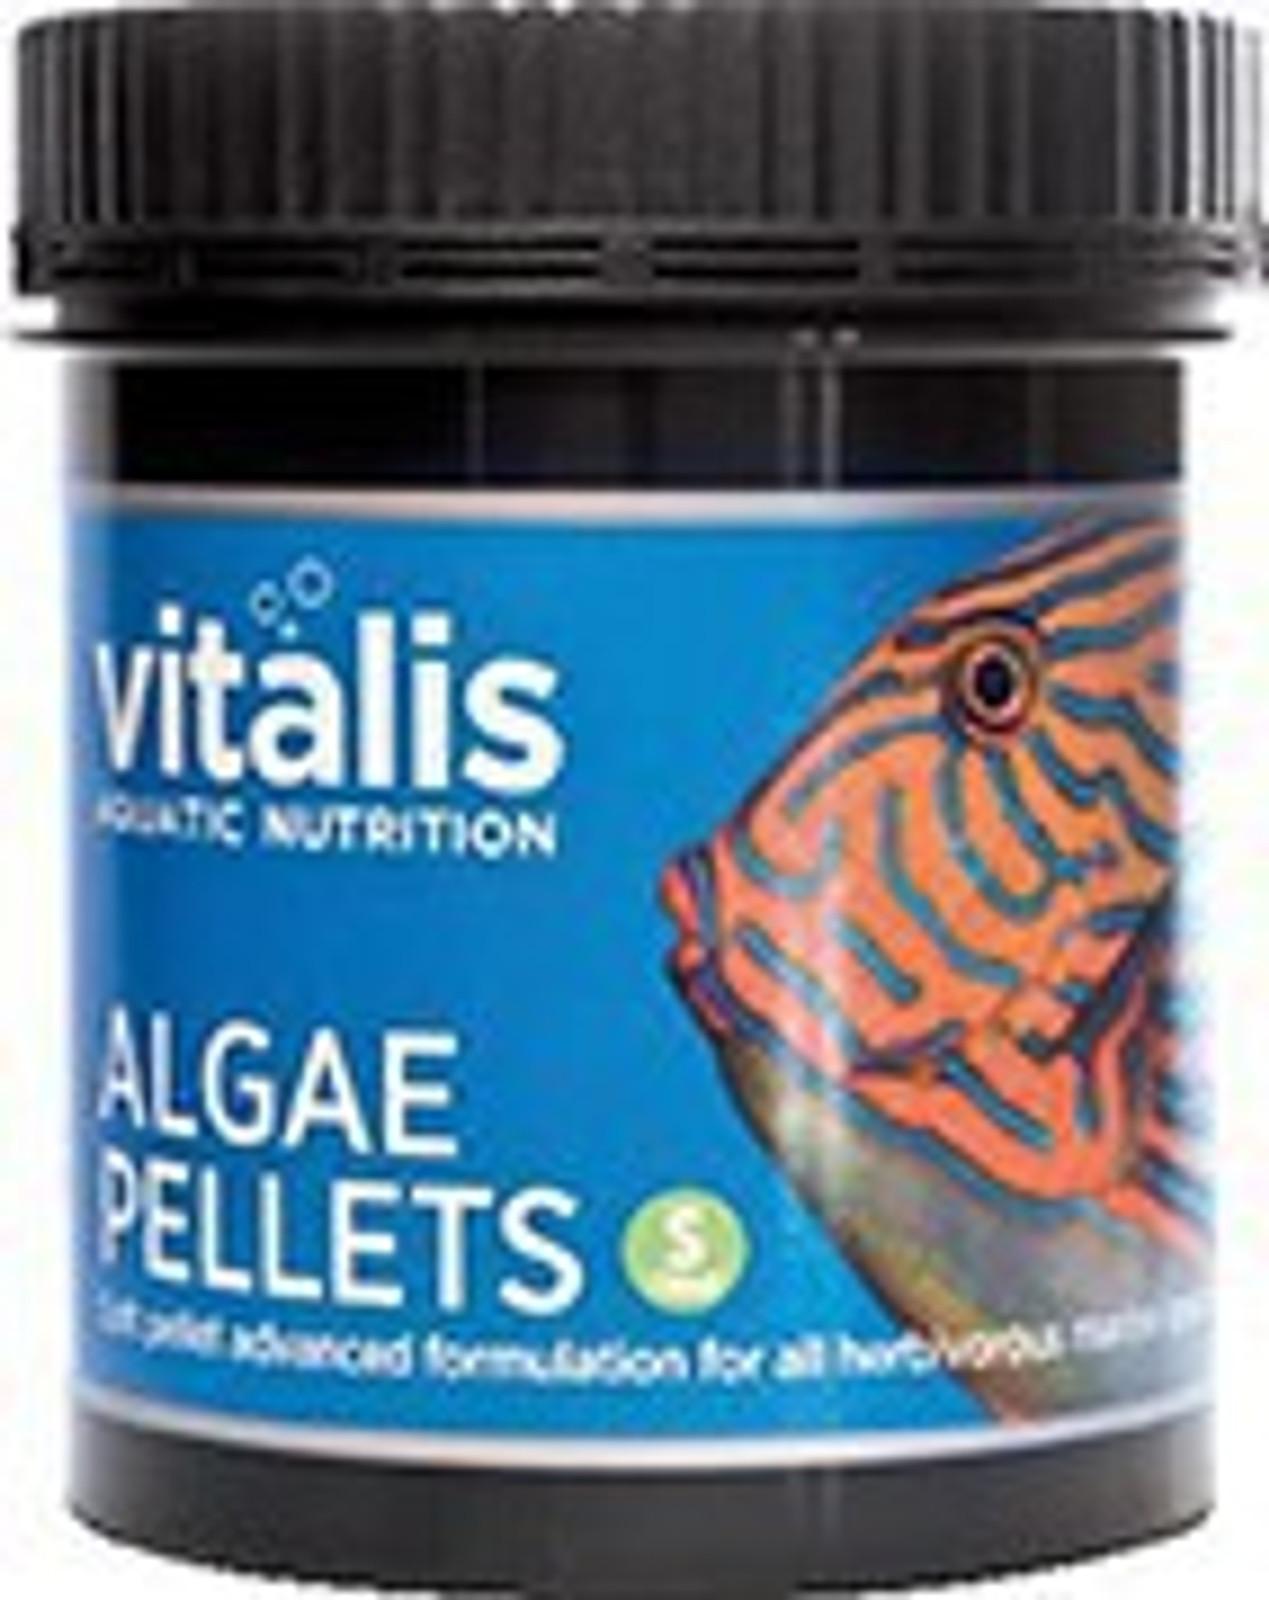 vitalis Algae Pellets 60 g Ø 1 mm für pflanzenfressende Meerwasserfische – Bild 1